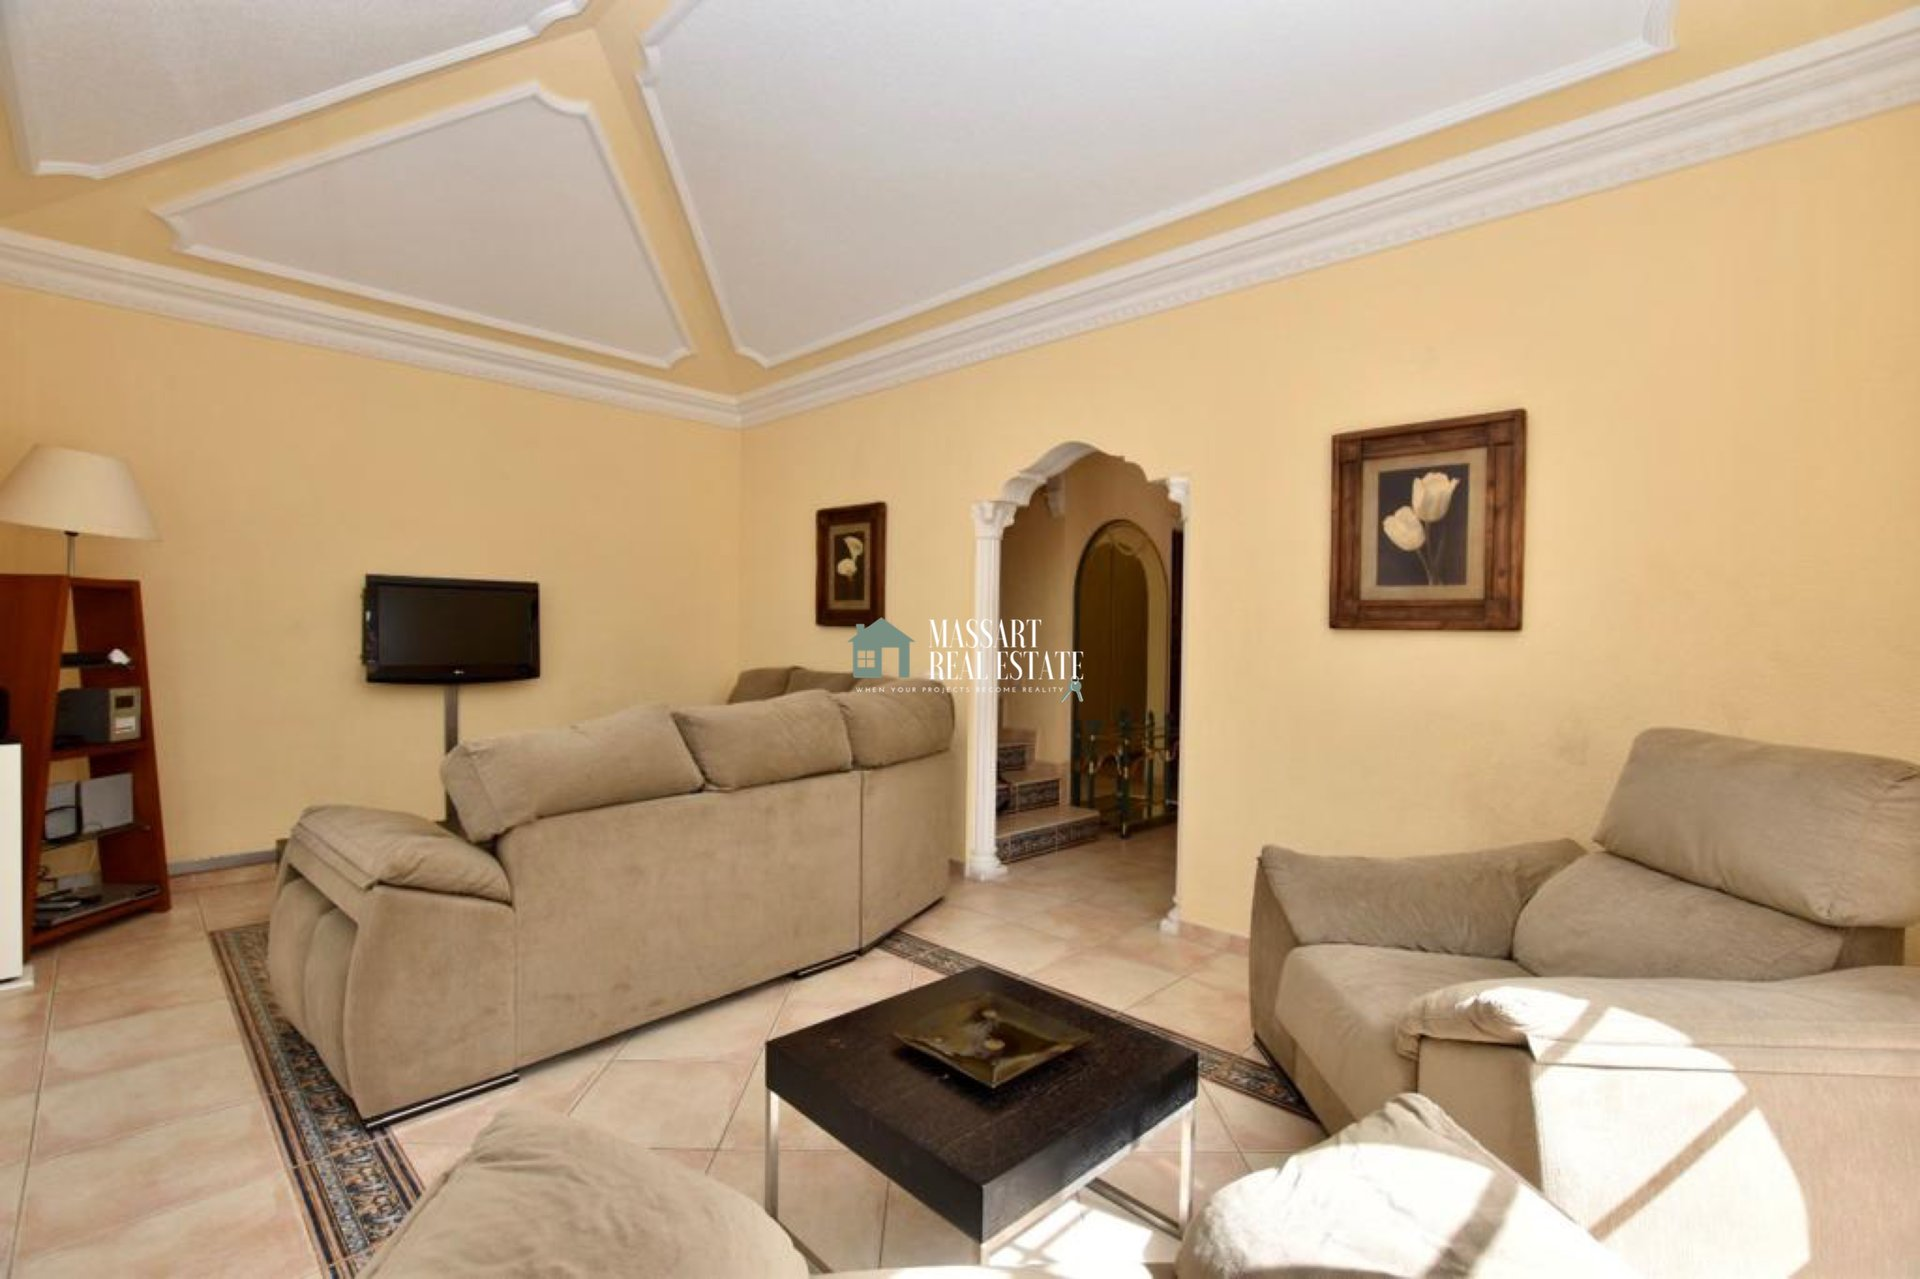 Prachtige villa van 160 m2 in een prestigieuze en rustige buurt van El Madroñal.